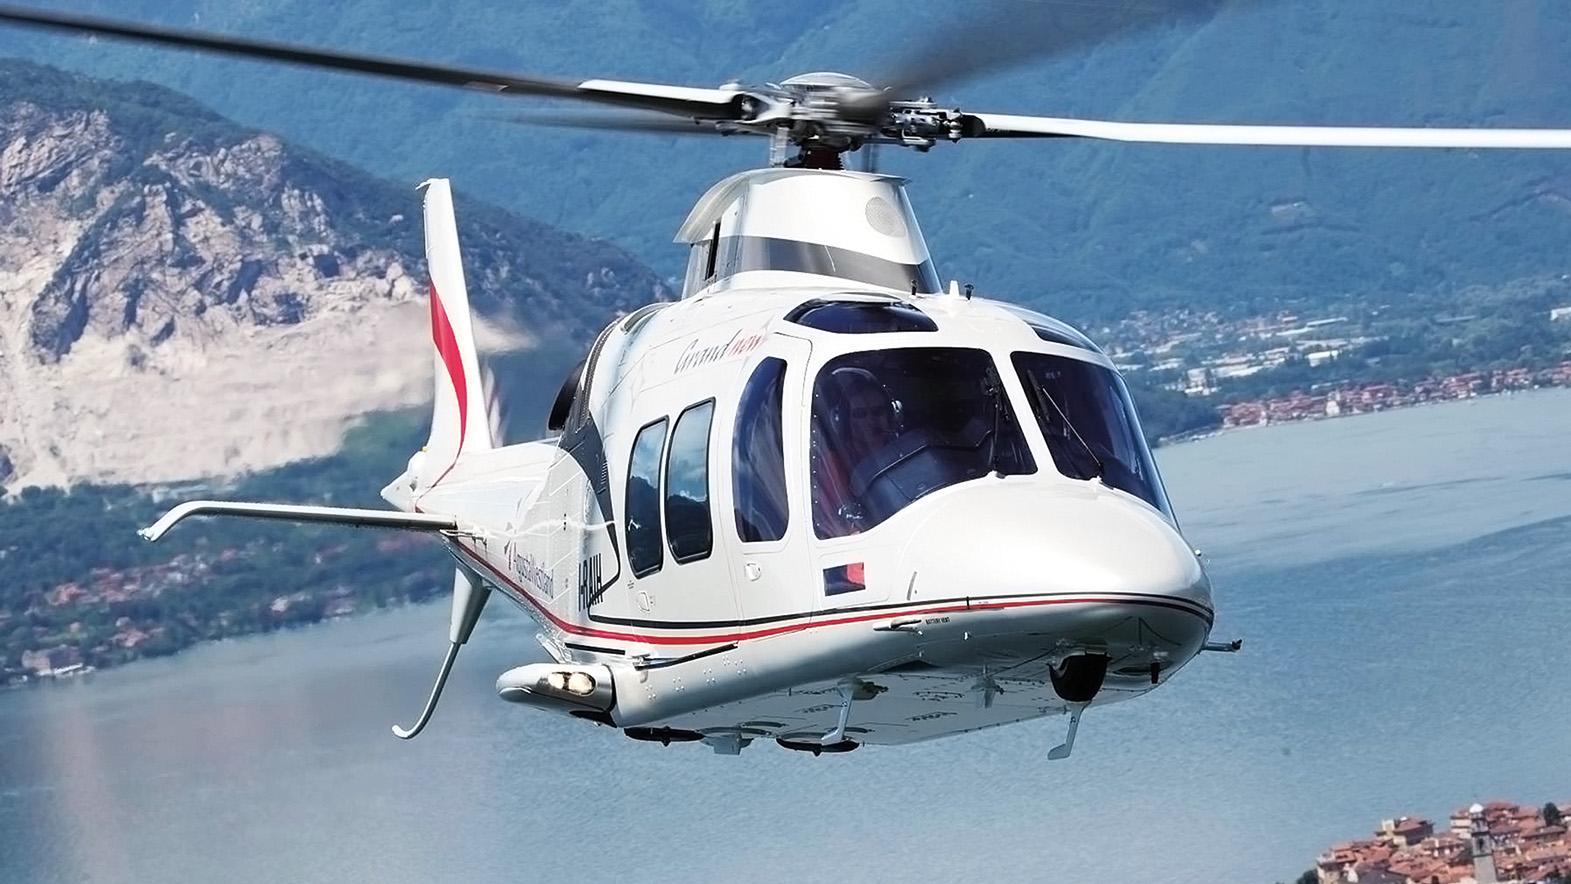 الصناعة العسكرية الجزائرية مروحيات [ AgustaWestland ]  - صفحة 2 AgustaWestland%20109%20Ex%20Pic_tcm43-4145